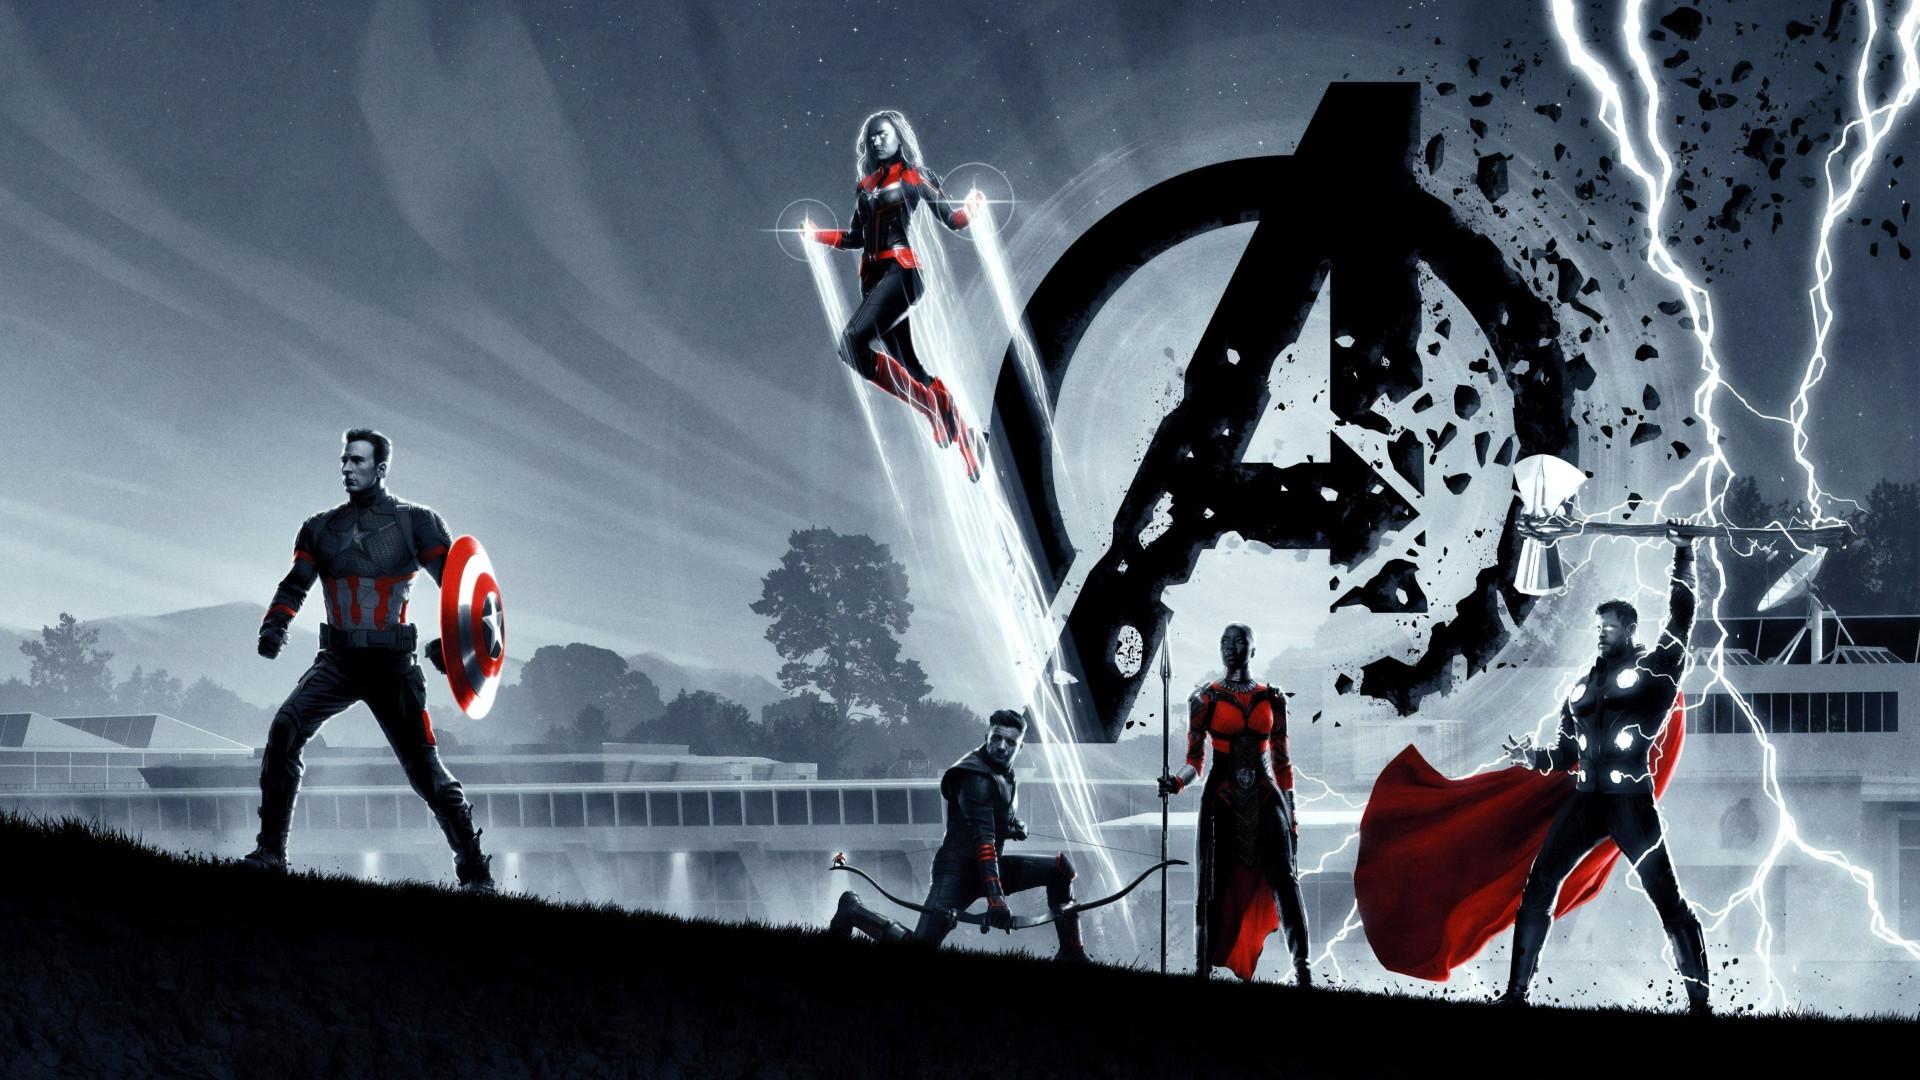 Download Wallpaper Avengers Endgame Poster 1920x1080